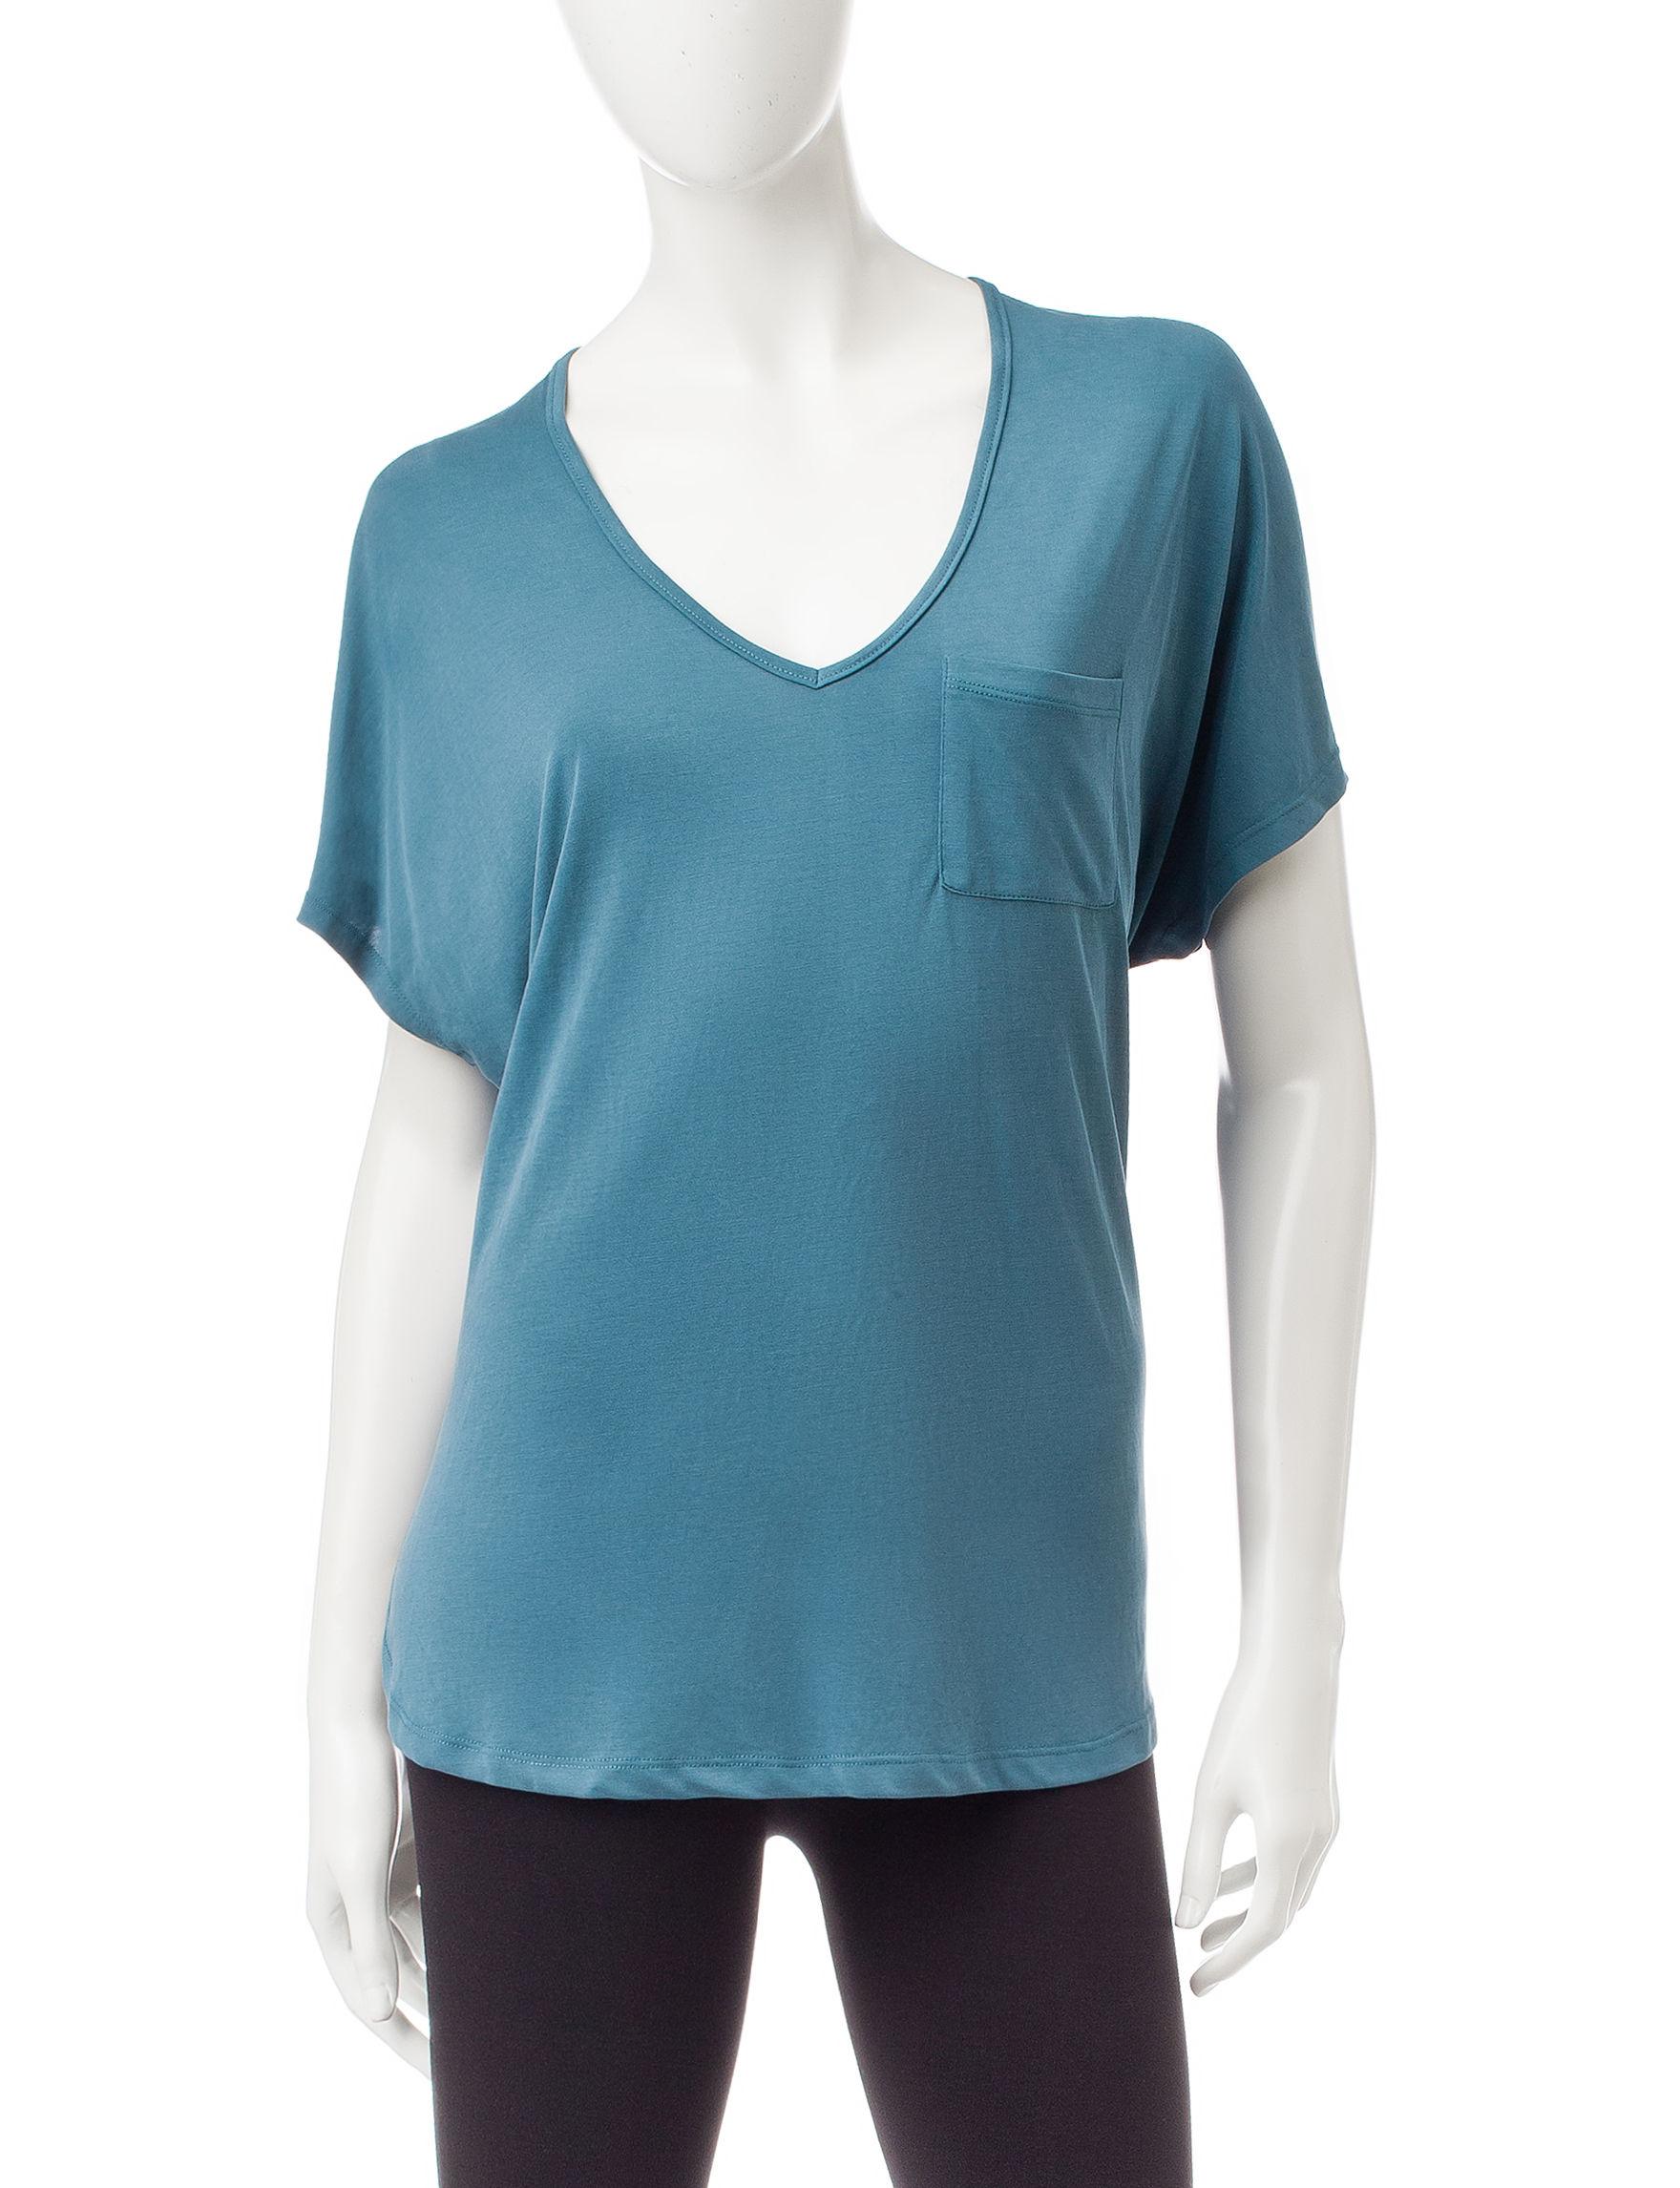 Wishful Park Turquoise Shirts & Blouses